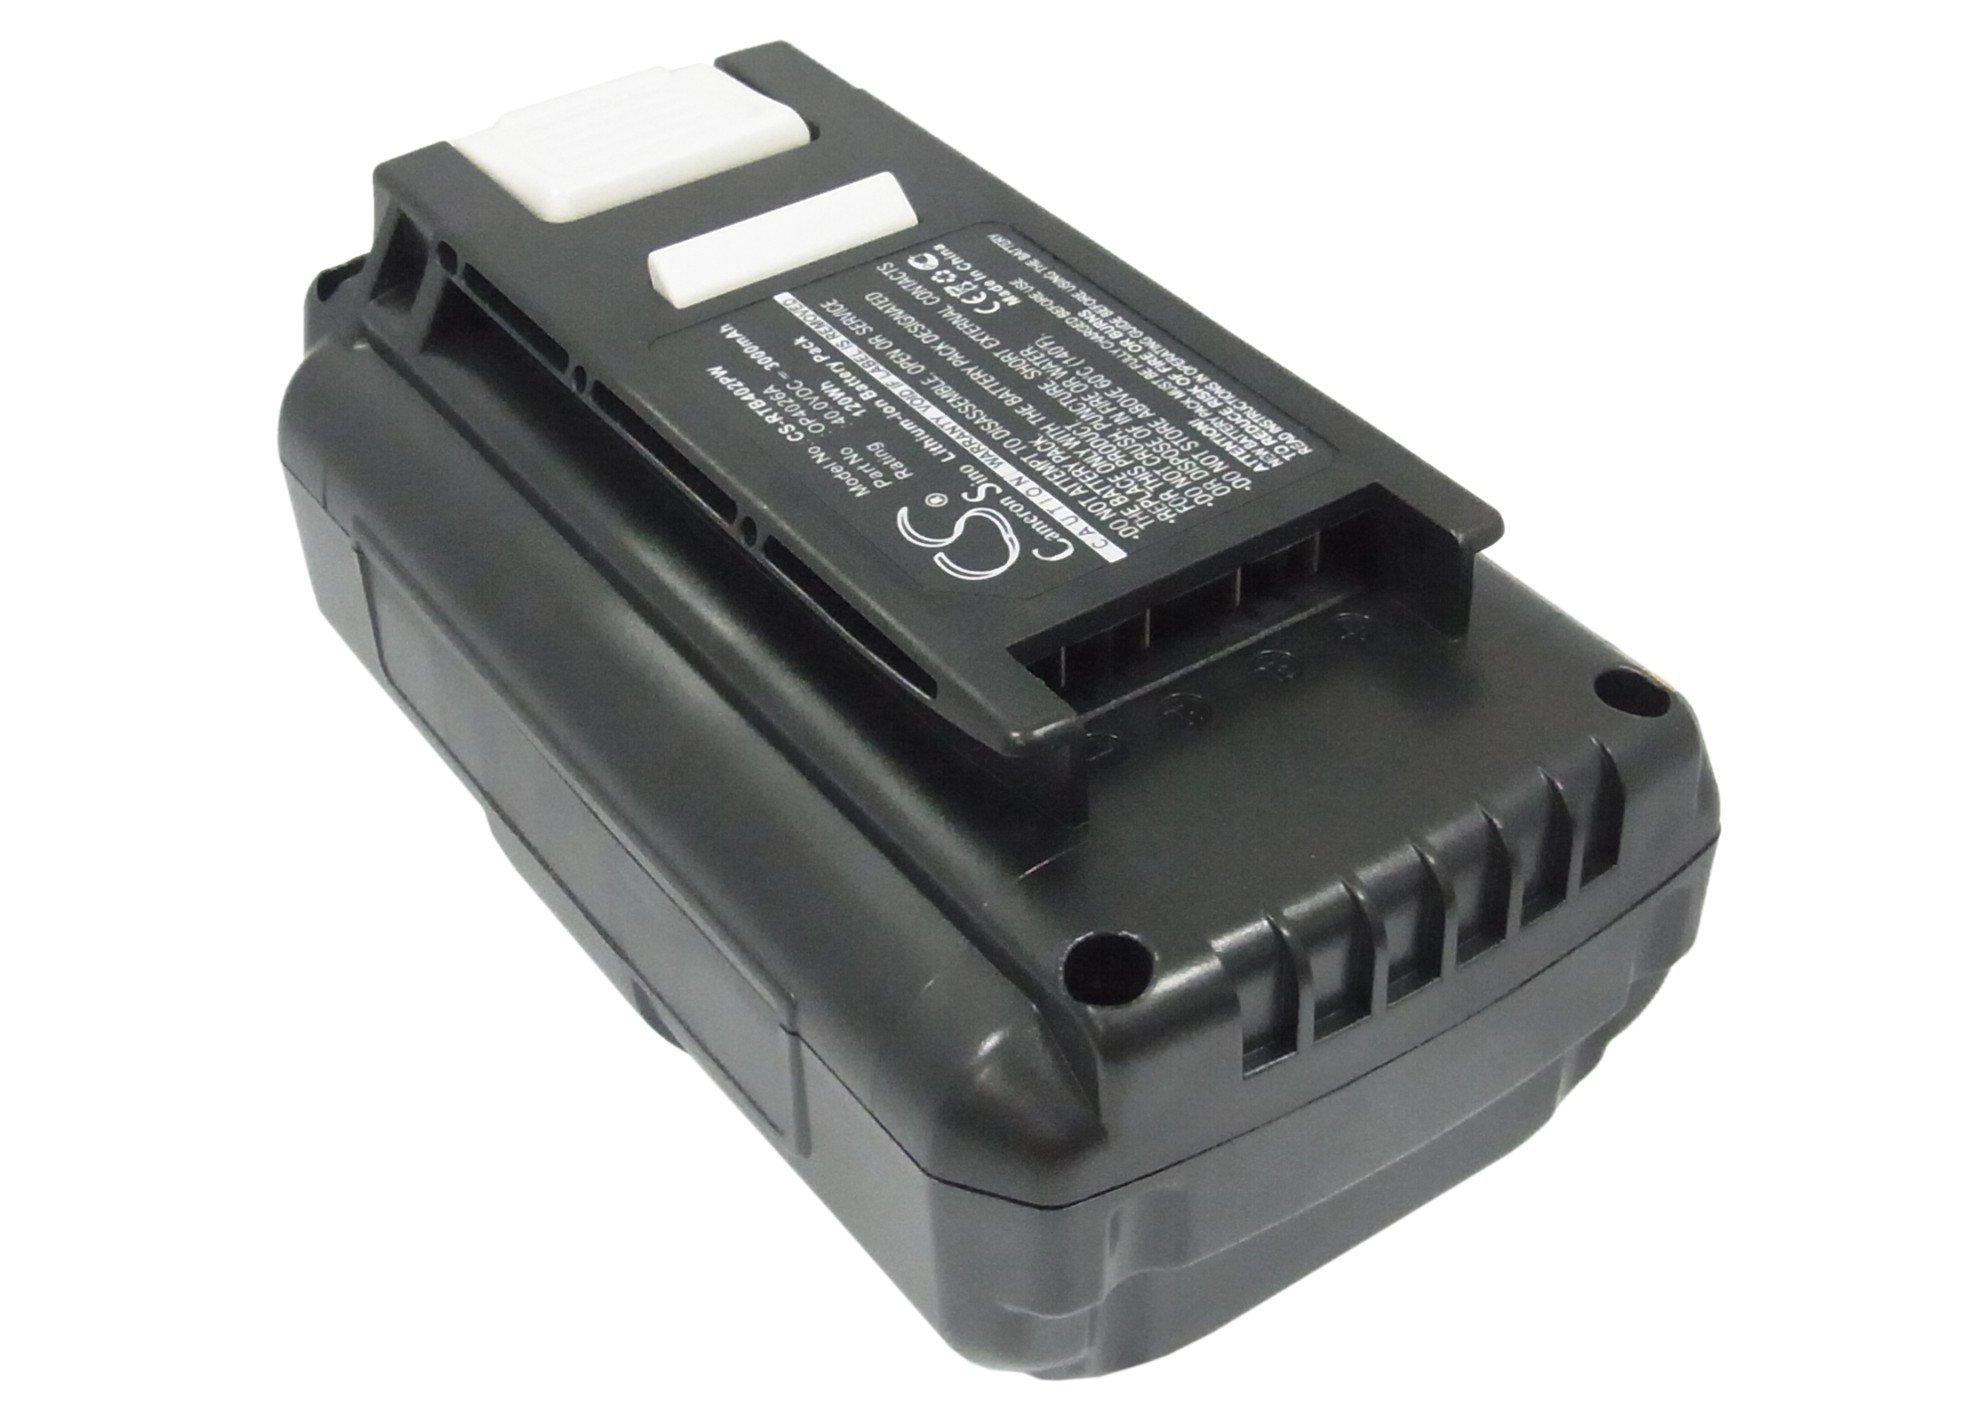 Pearanett 3000mAh / 120.0Wh Replacement Battery for Ryobi RY40510